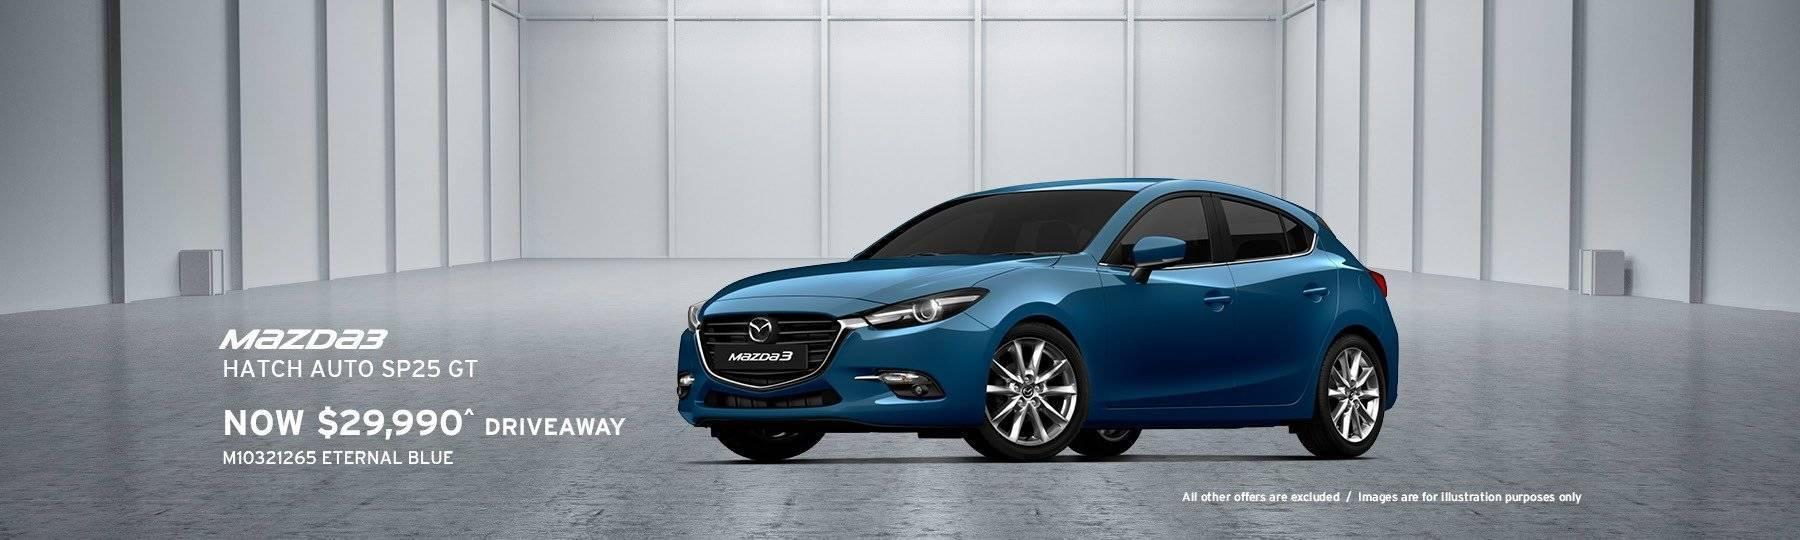 Newcastle Mazda 3 Special